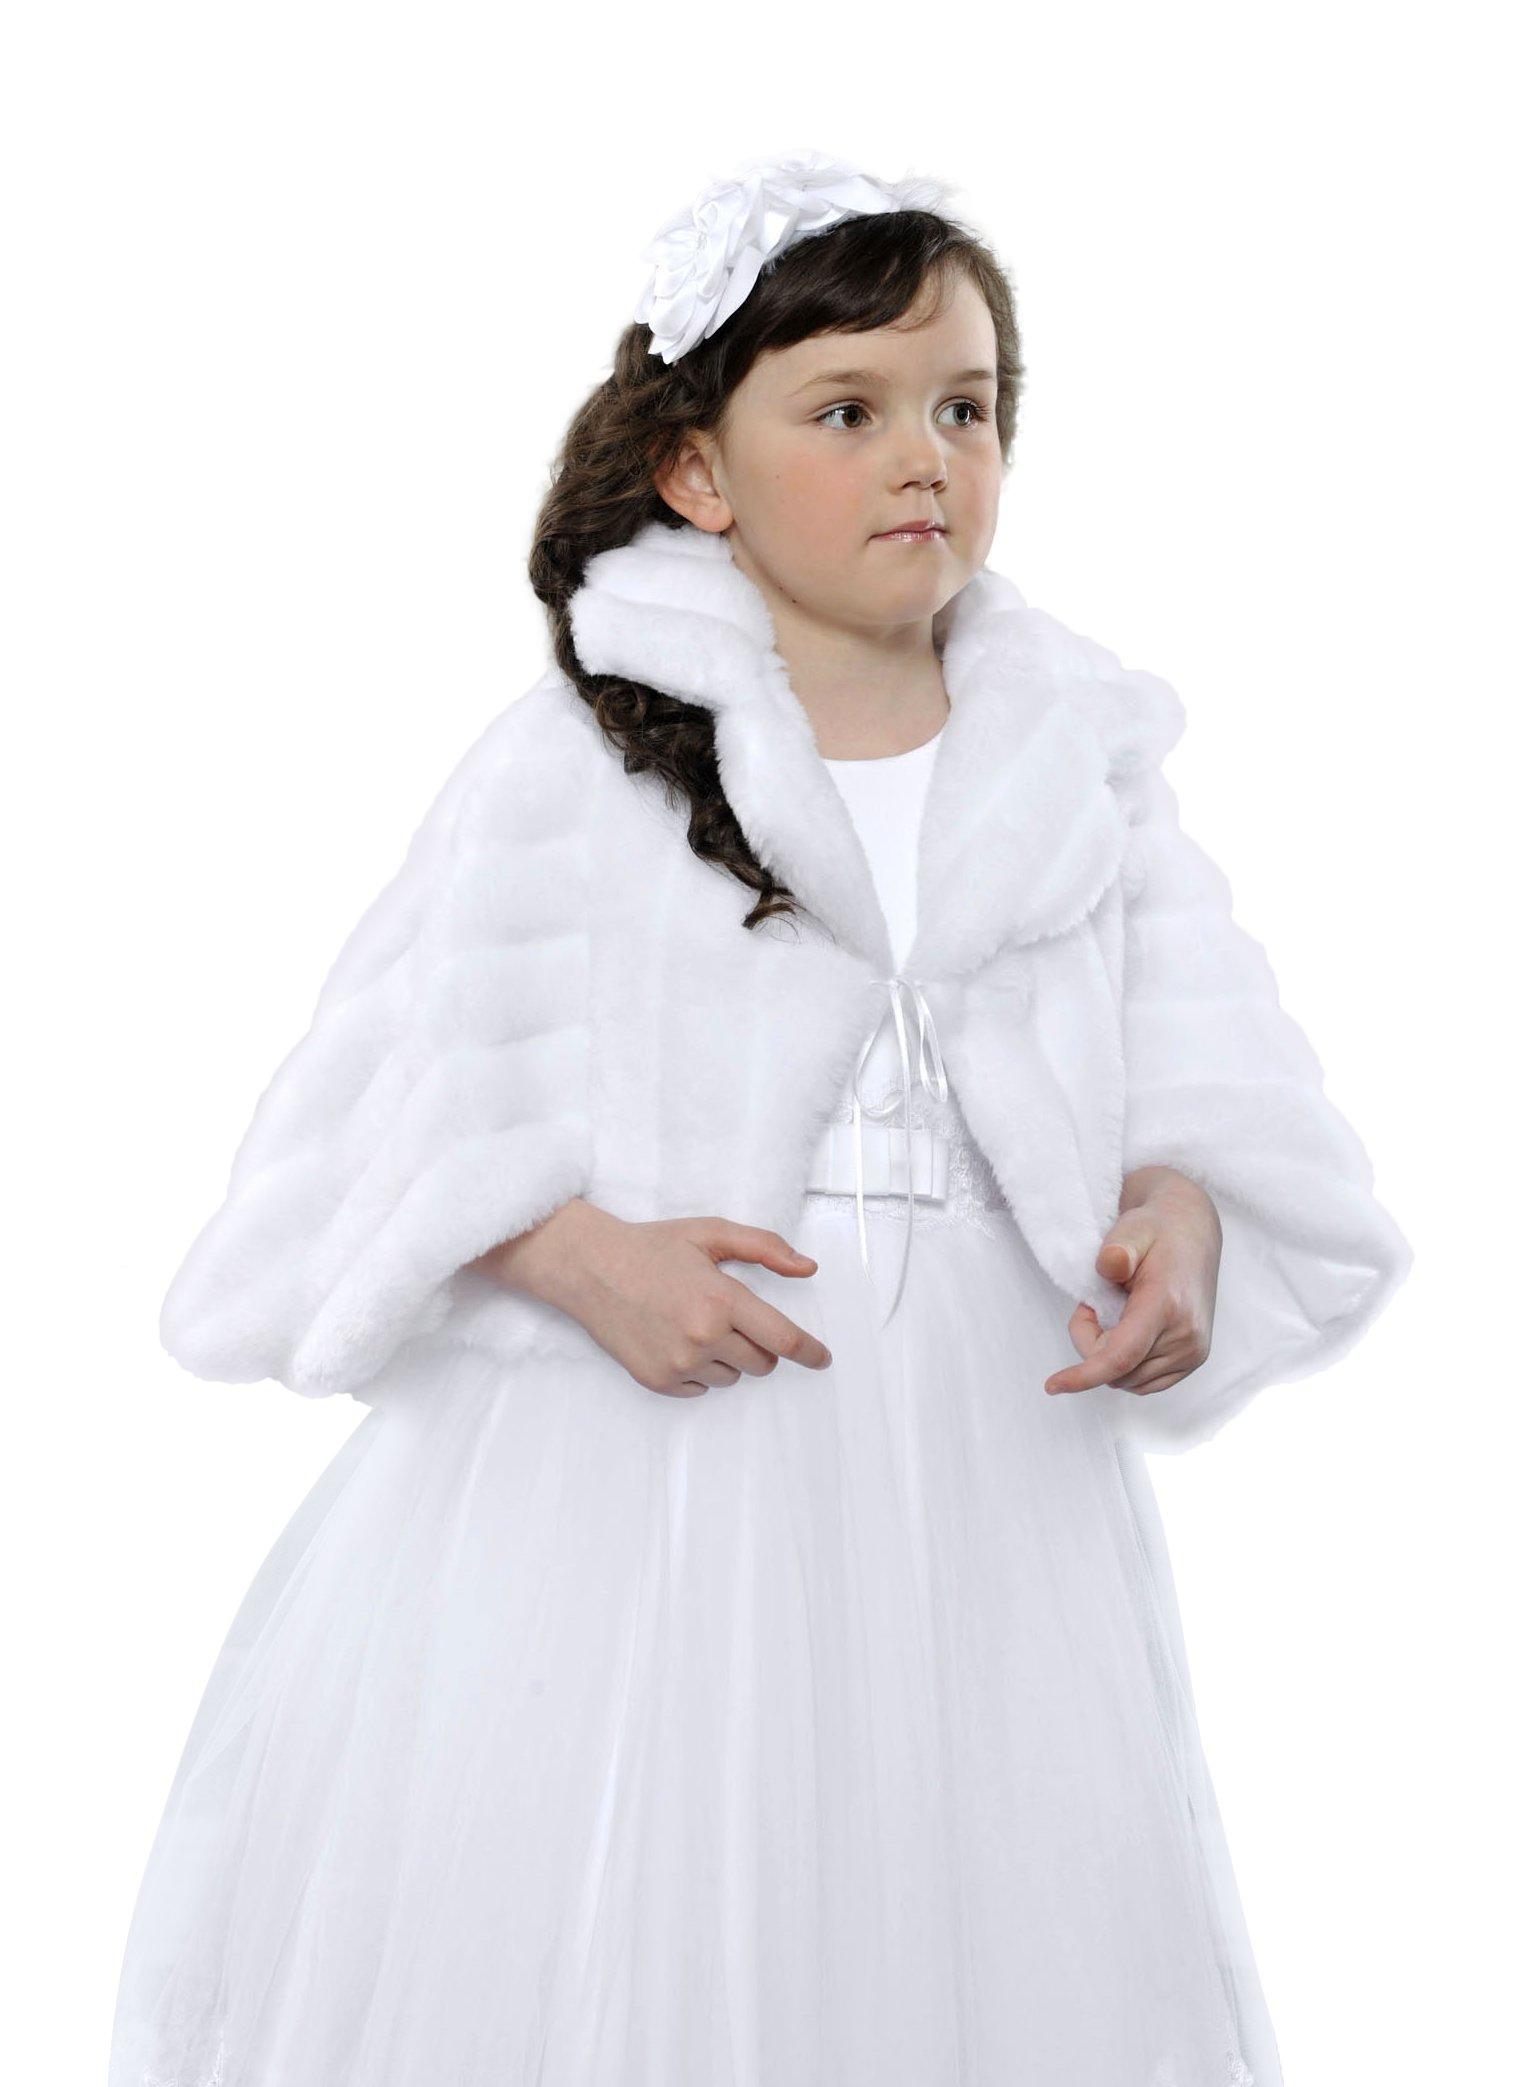 OssaFashion-BridalWear Flower Girls First Communion Bridesmaid Bolero Wrap Stole Faux Fur Shrug Cape Ivory or White, Full Lined